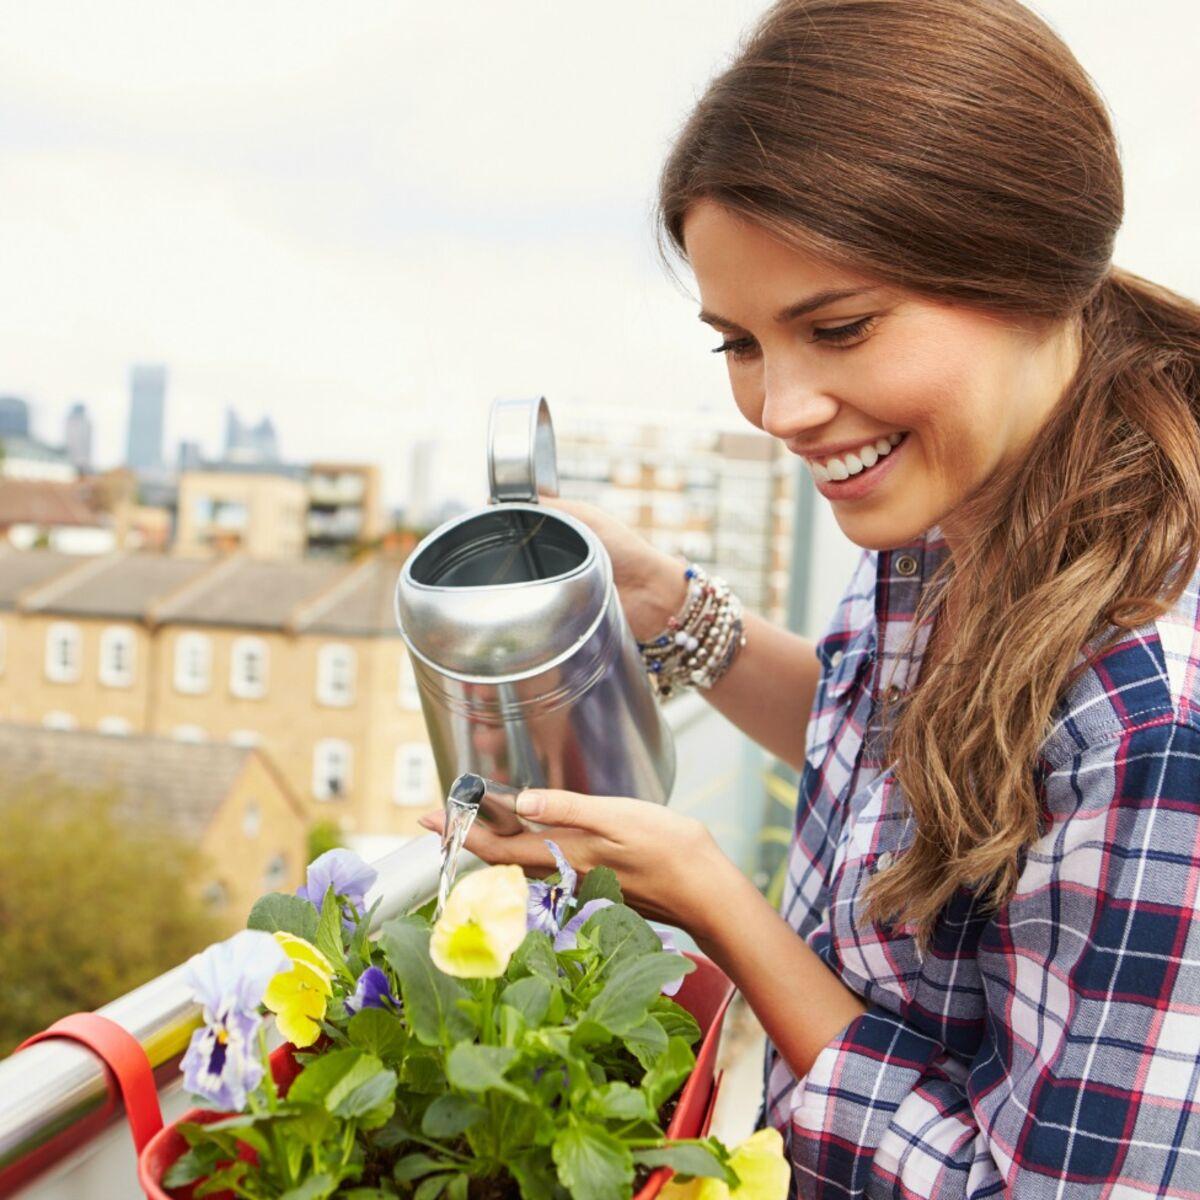 Comment Arroser Mes Plantes Pendant Les Vacances vidÉo - comment arroser vos plantes pendant vos vacances